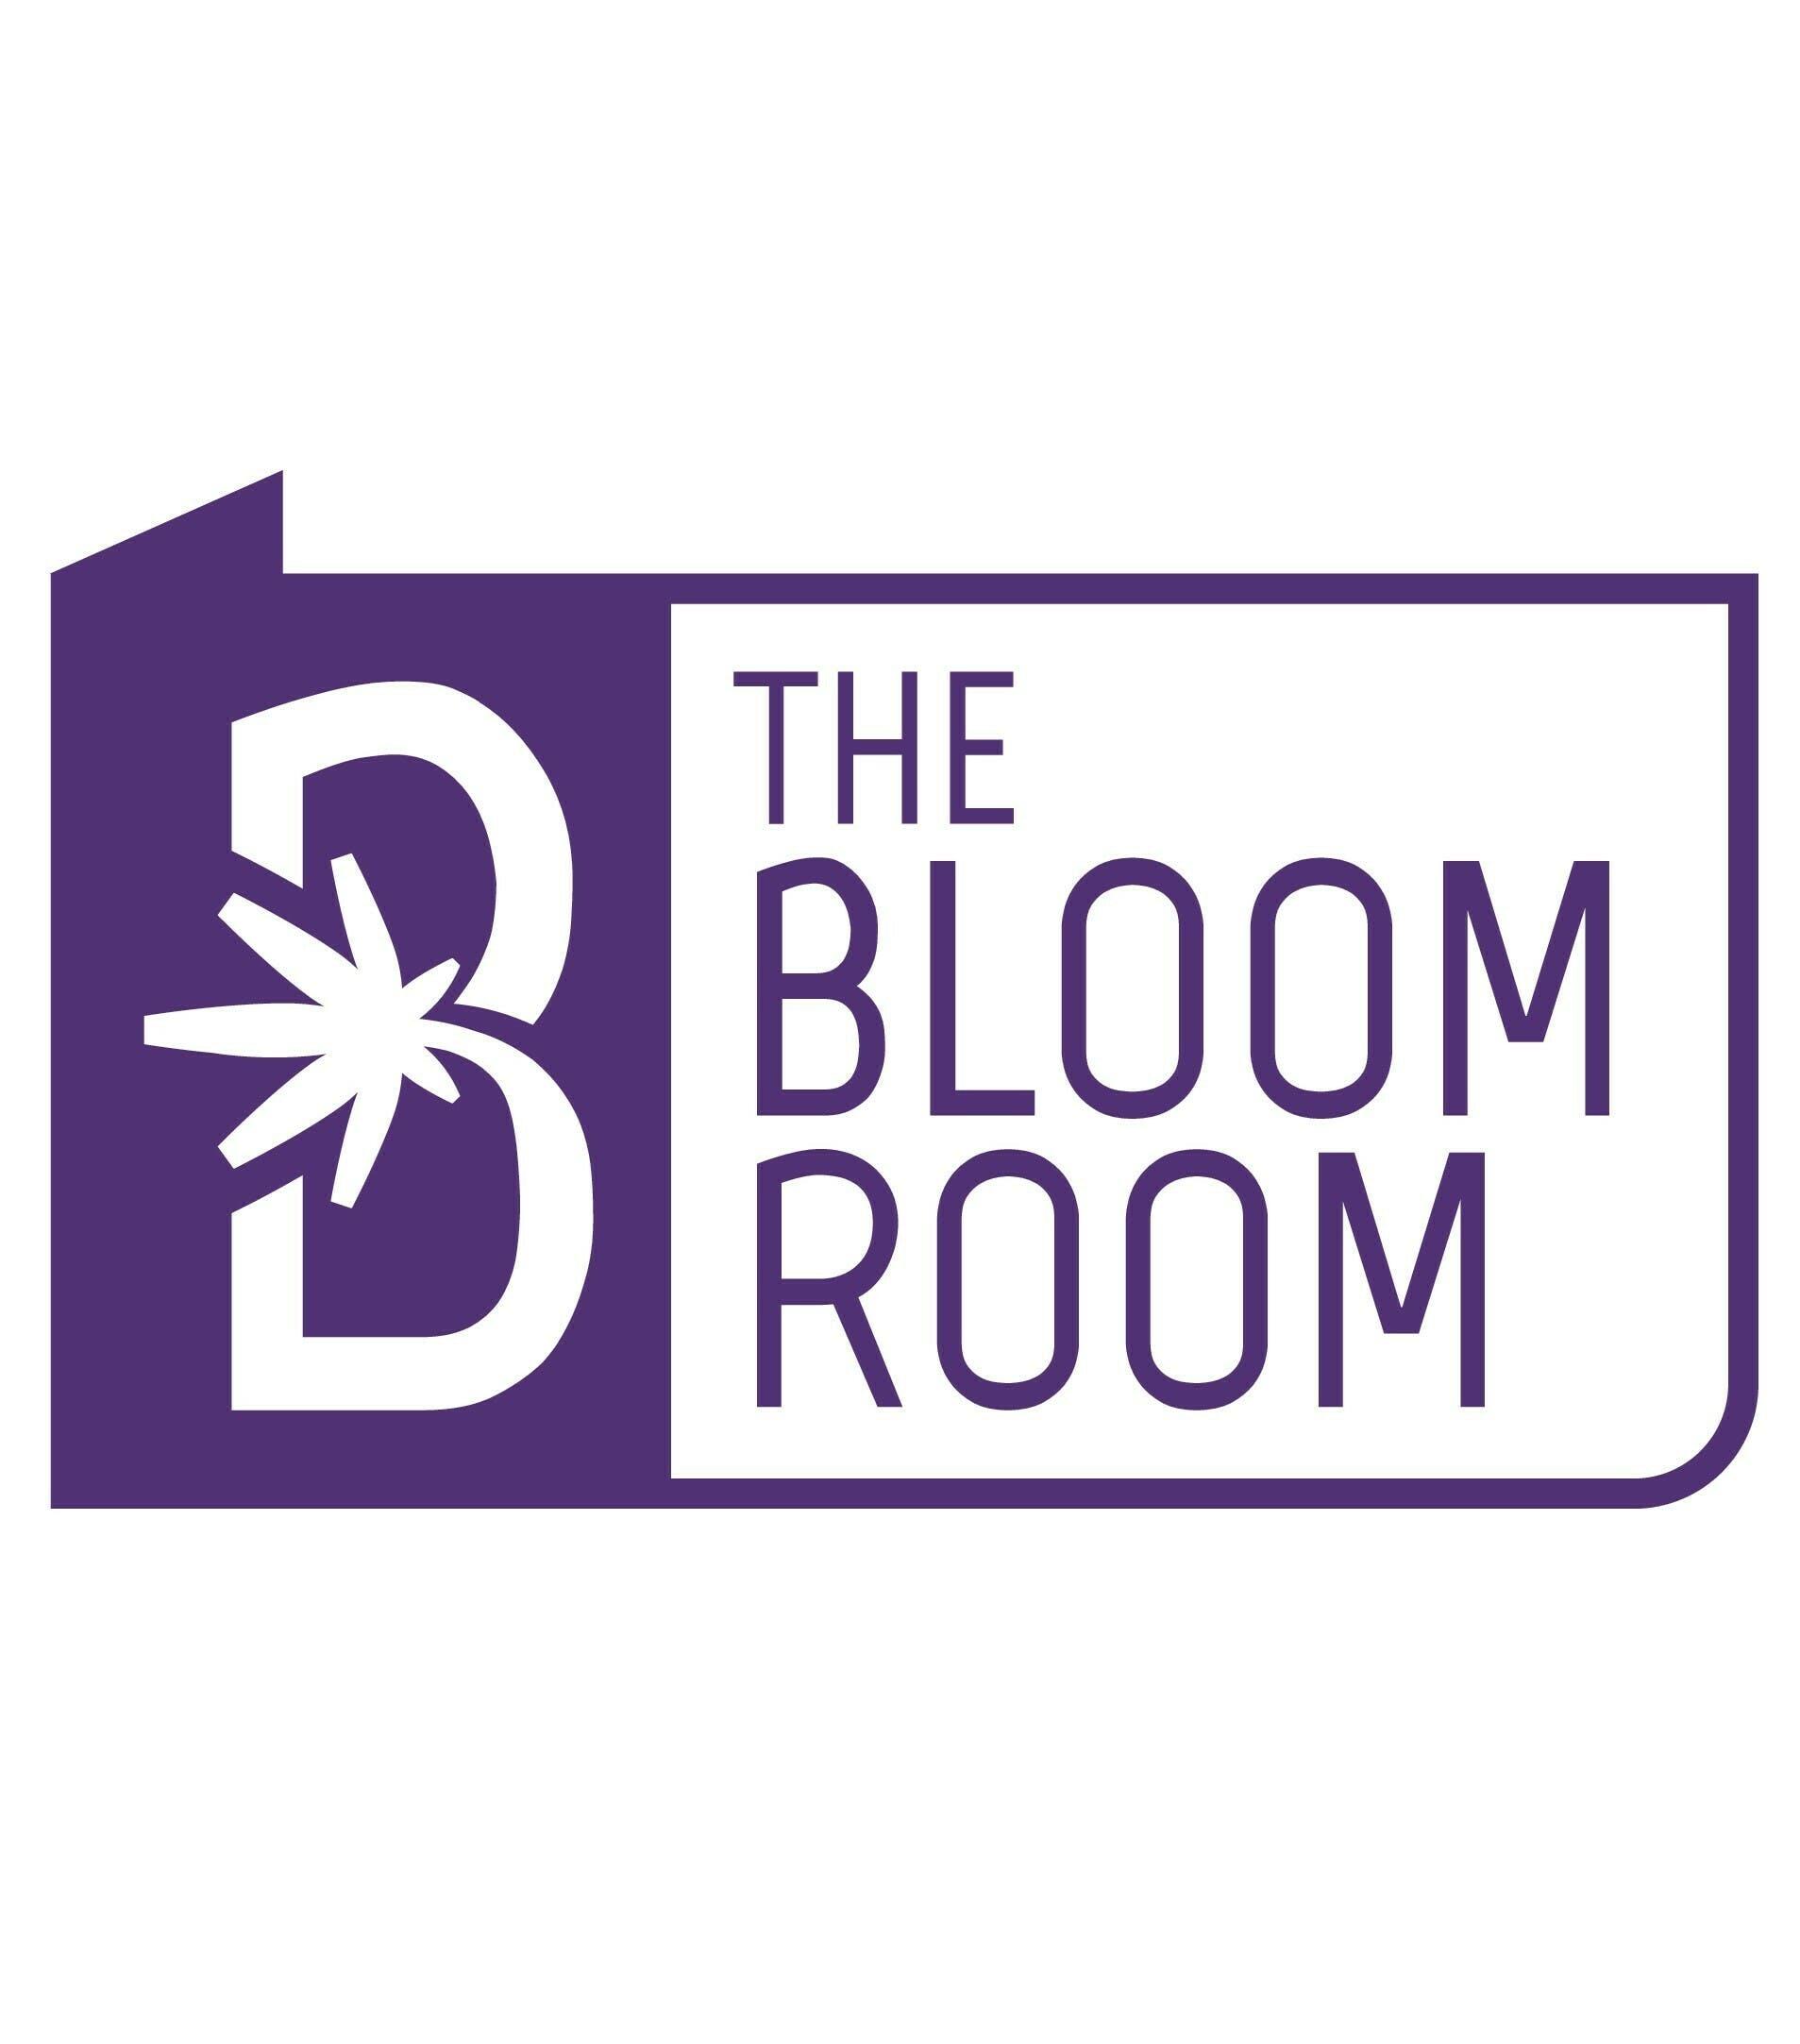 The Bloom Room – Villas de San Francisco